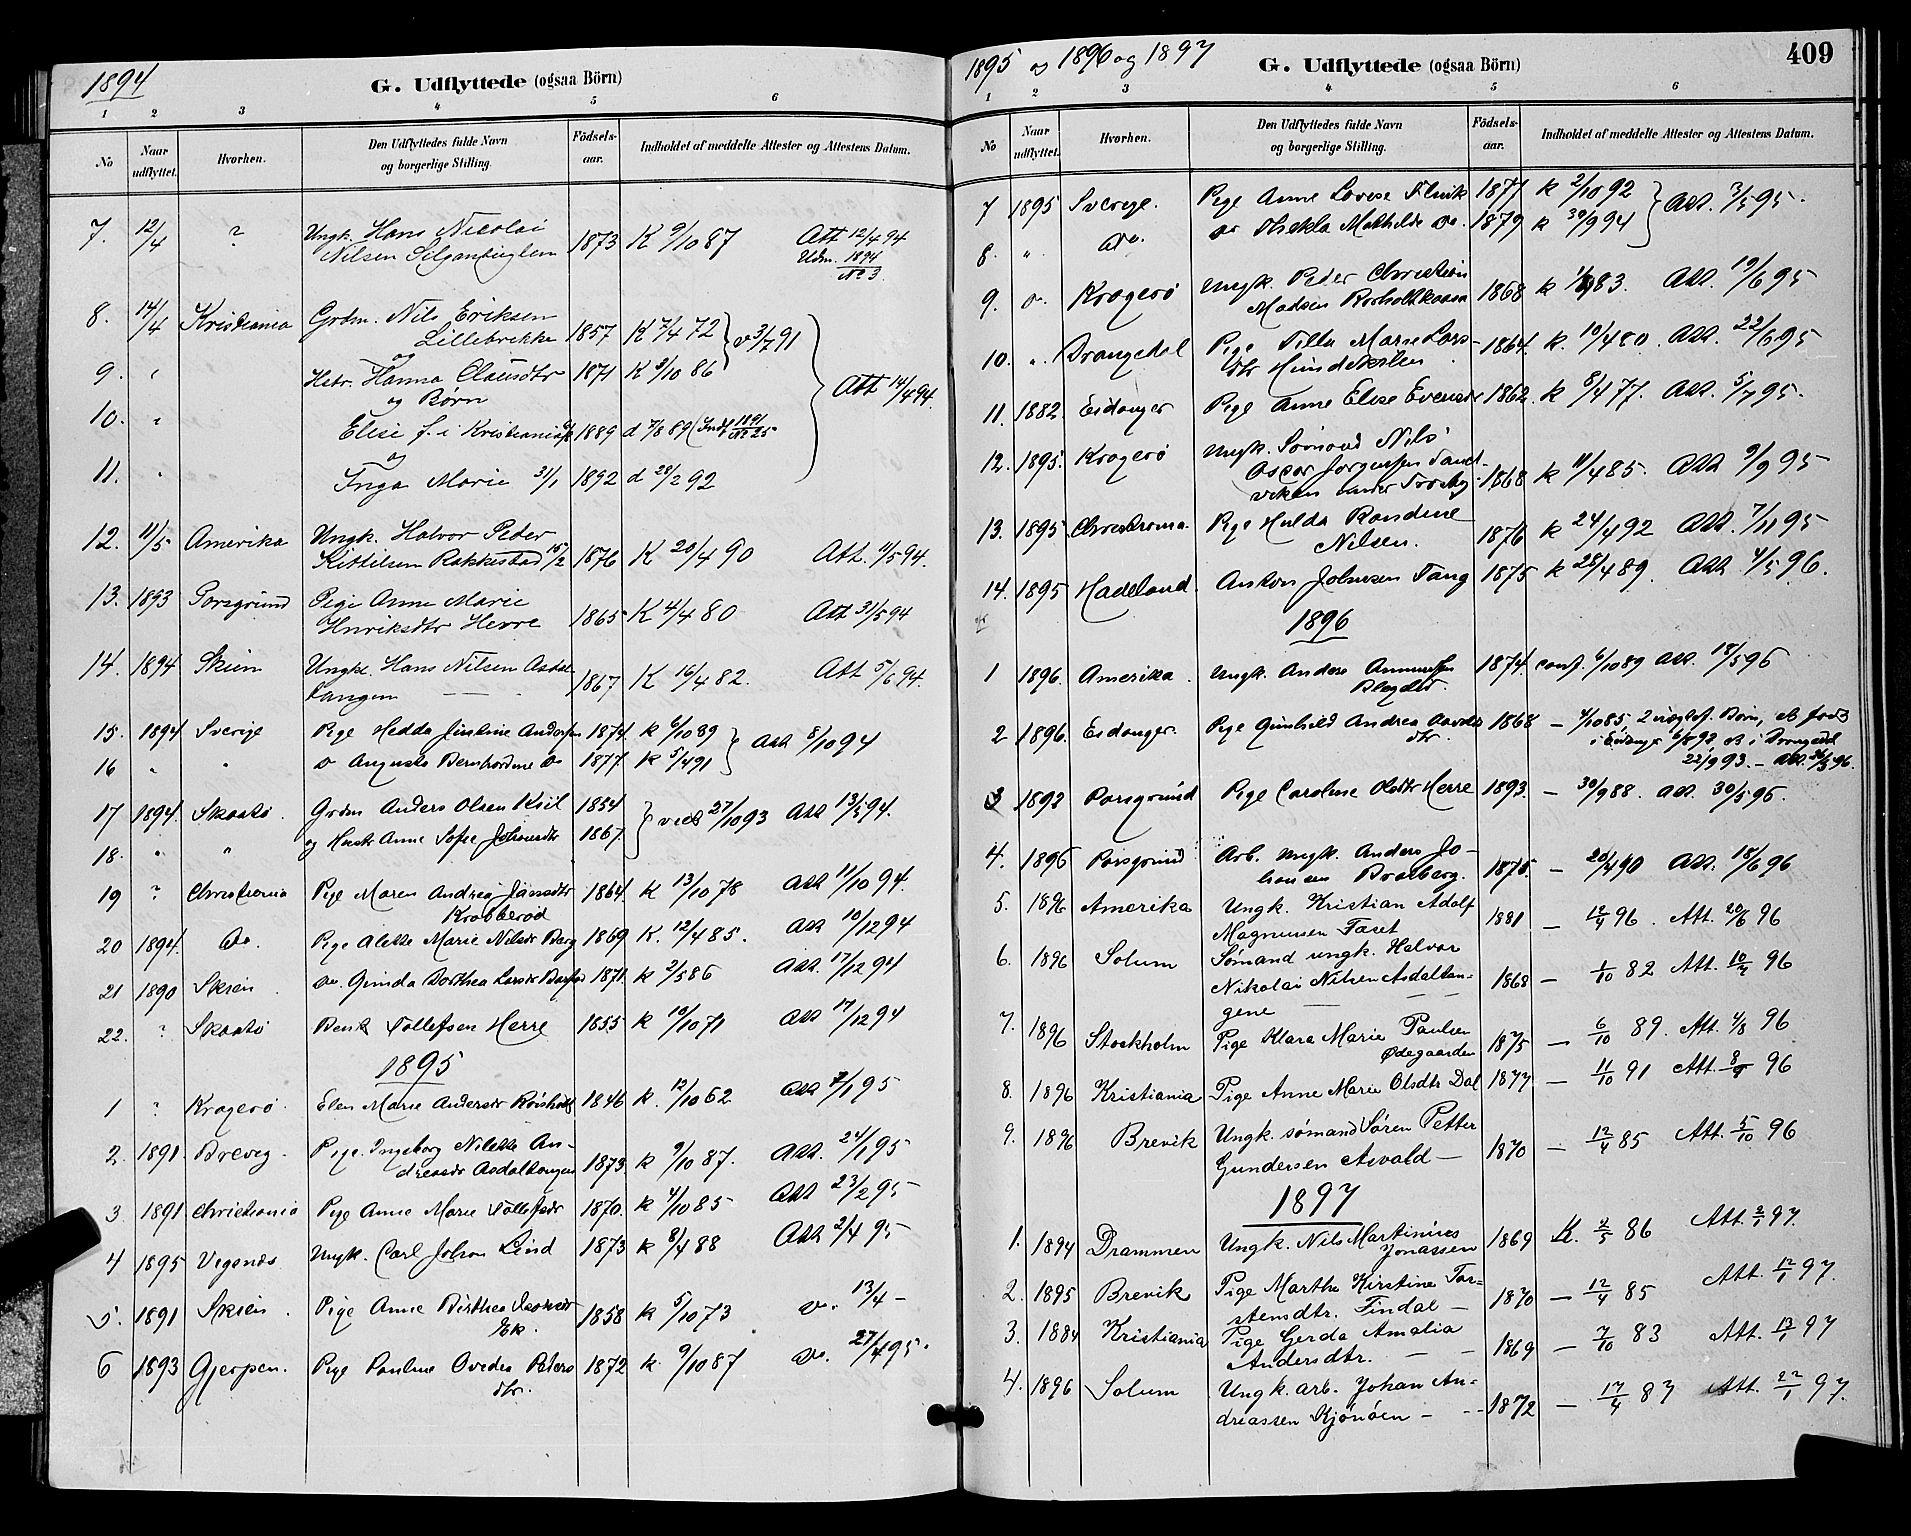 SAKO, Bamble kirkebøker, G/Ga/L0009: Klokkerbok nr. I 9, 1888-1900, s. 409